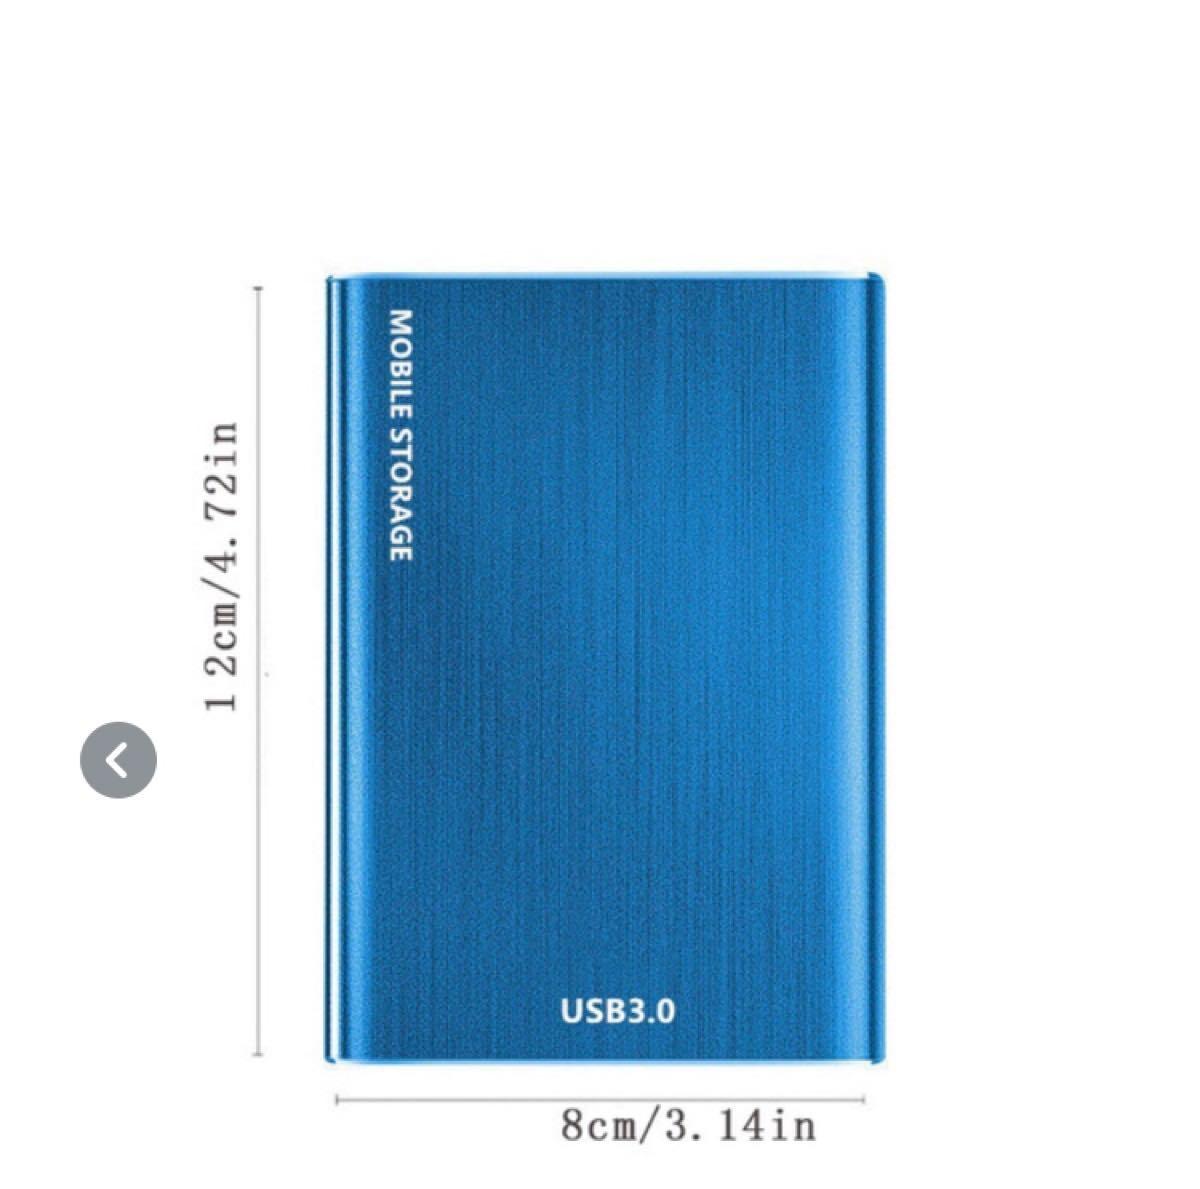 ポータブルSSD 2TB レッド 外付け 小型 軽量 SSD ポータブルSSD SSD ポータブル